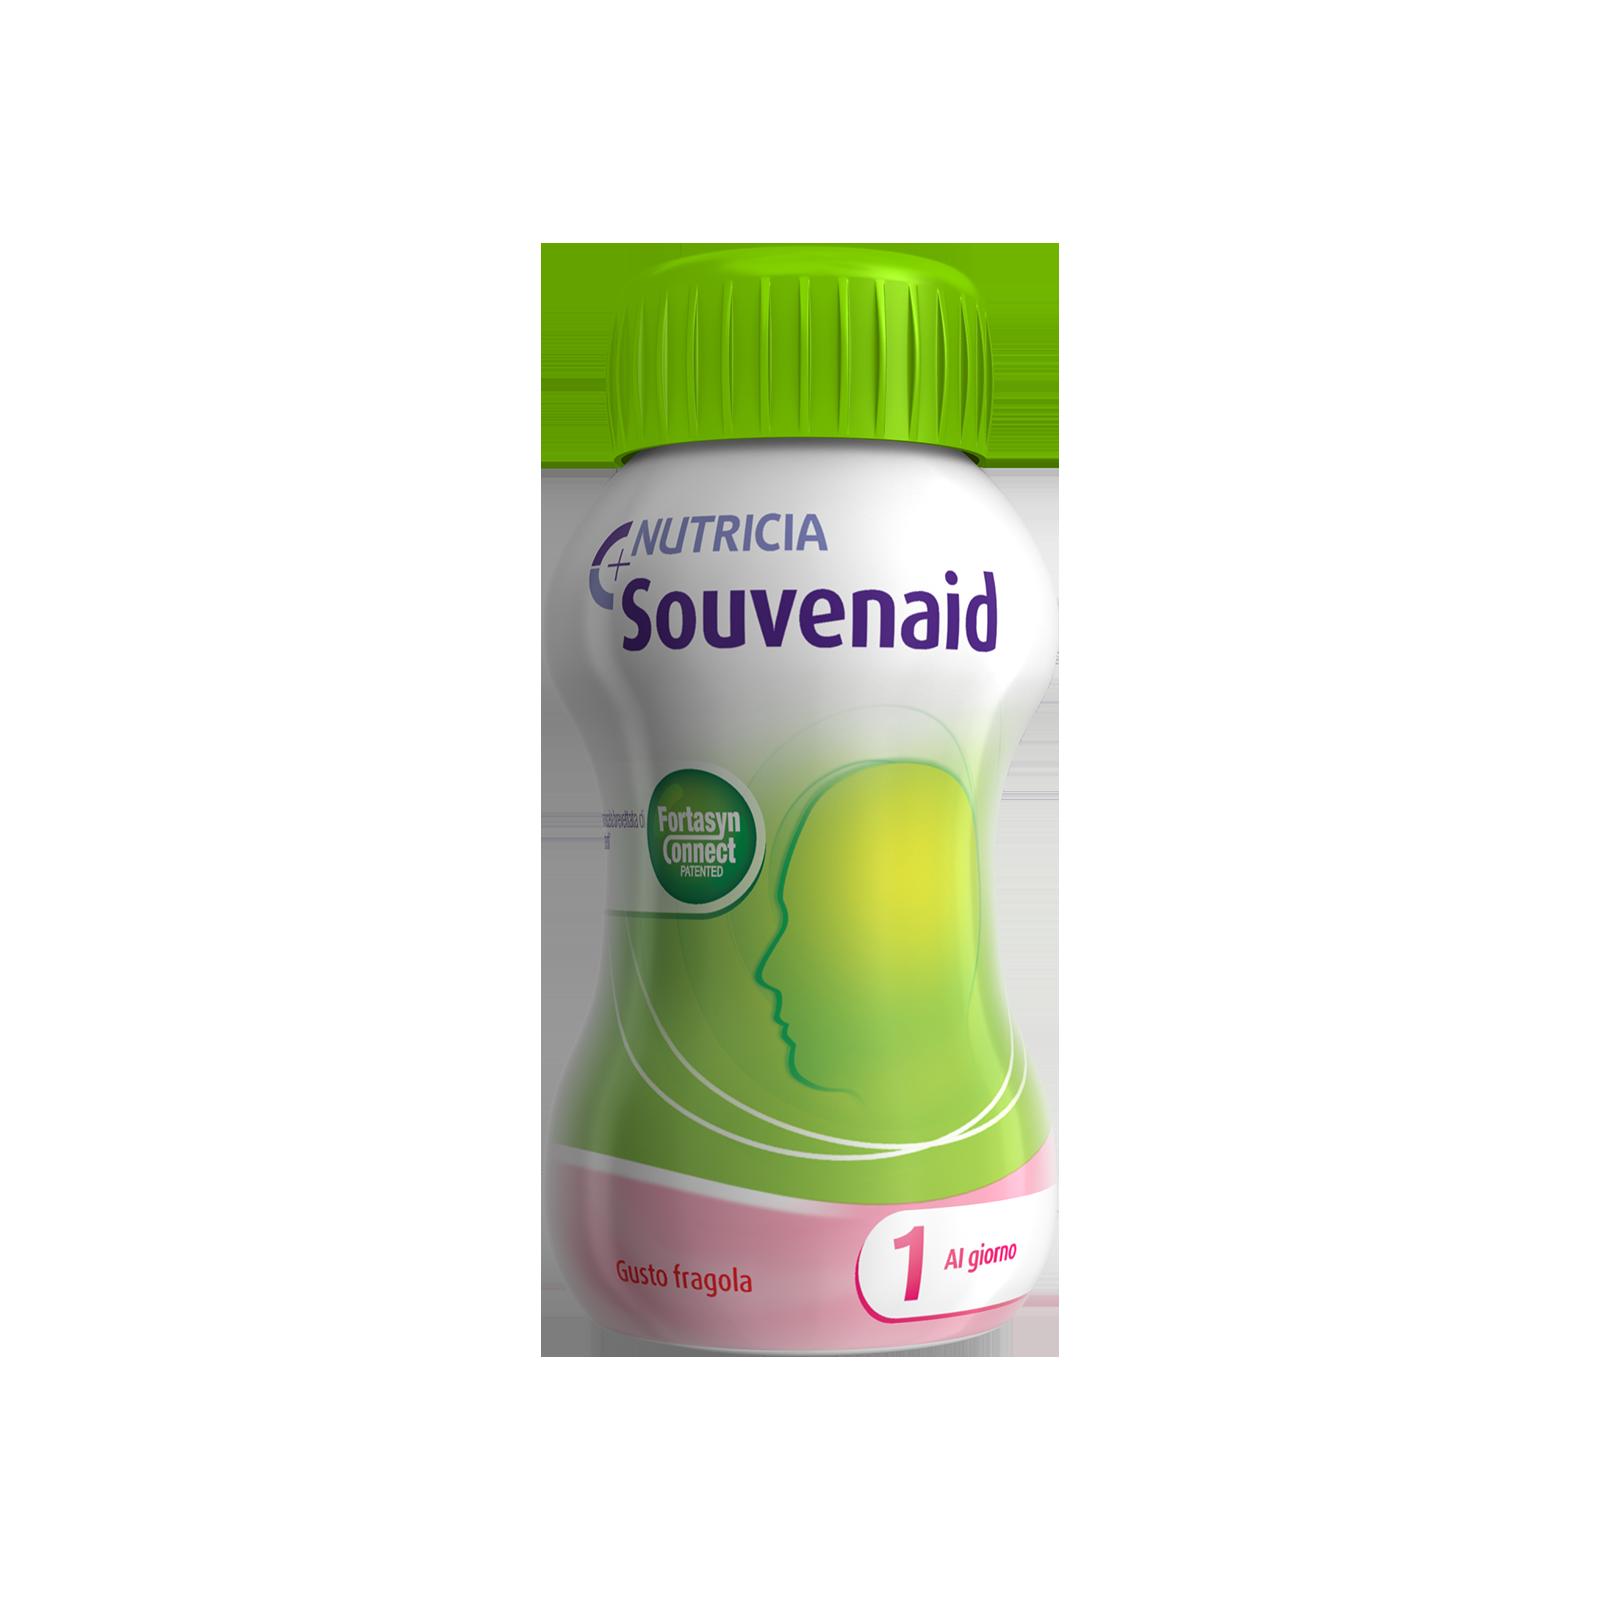 Souvenaid Fragola 48x Confezione 125 ml | Nutricia